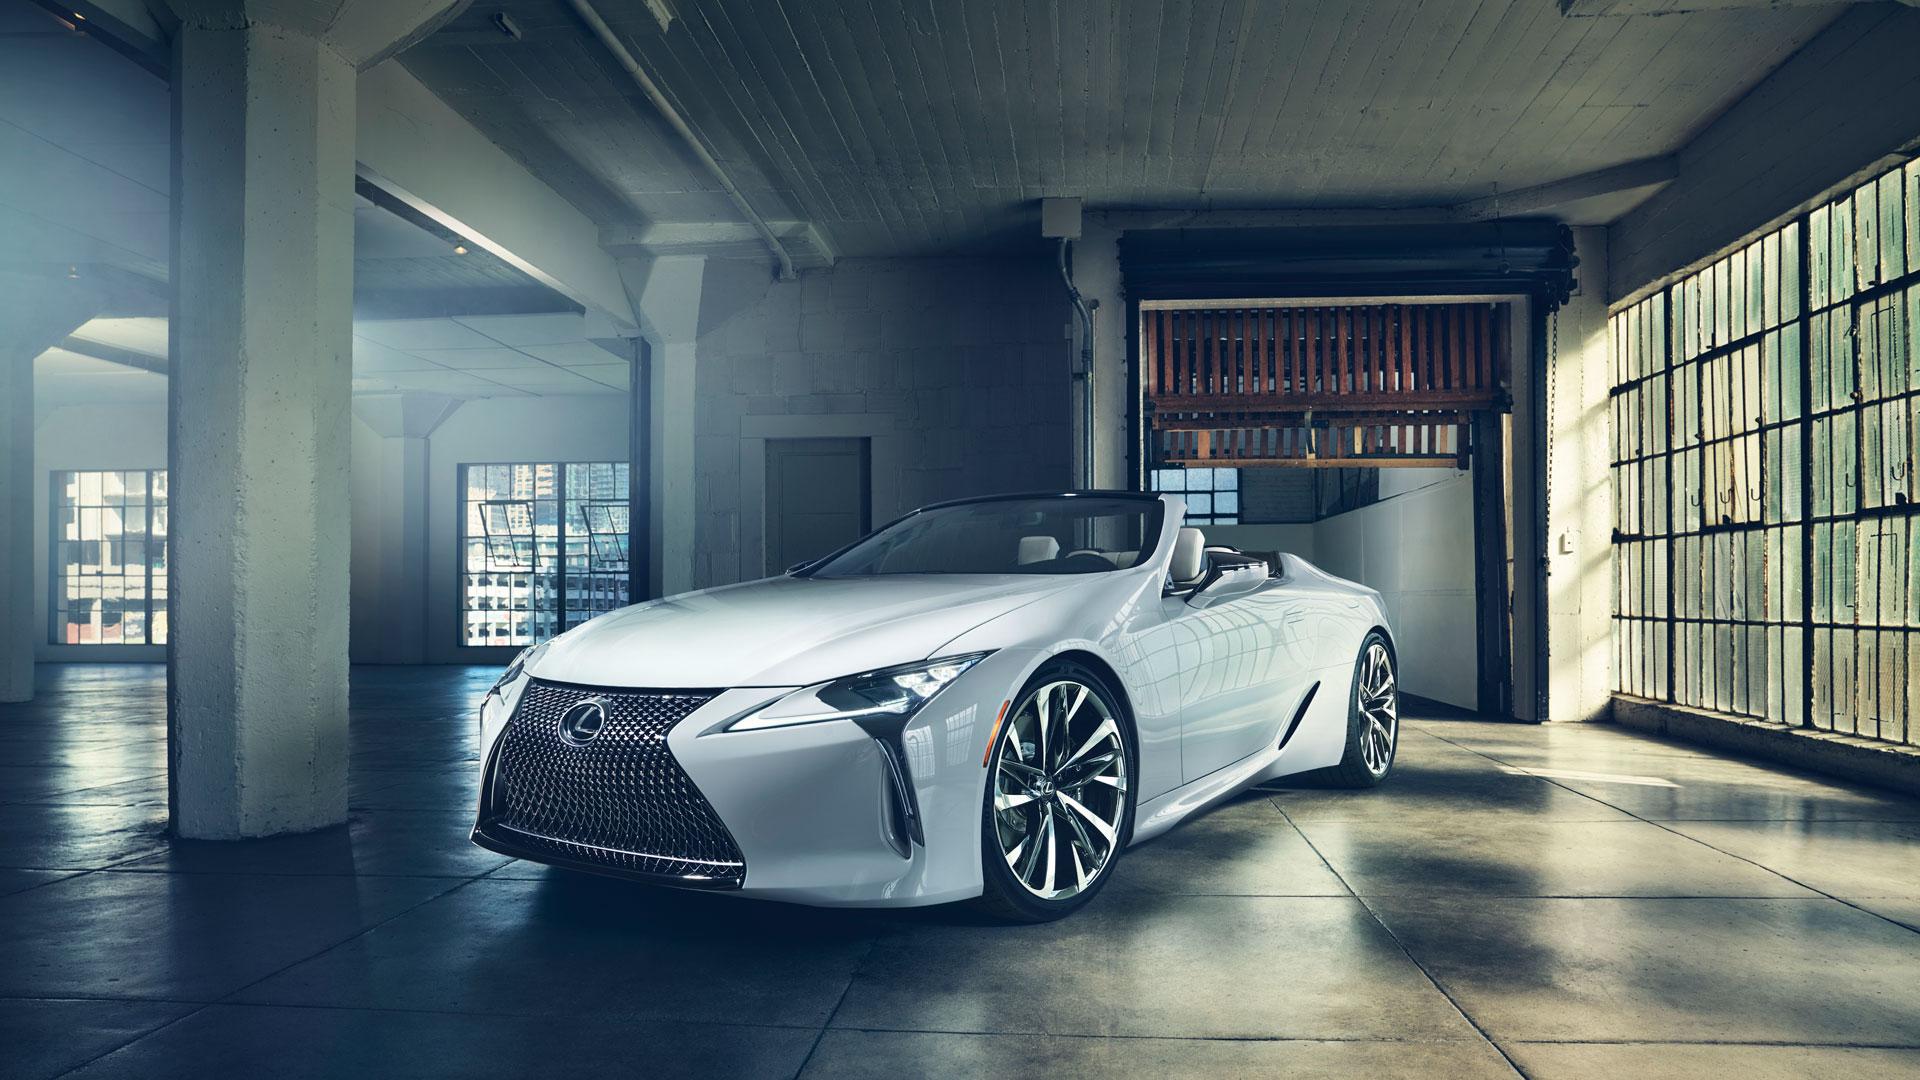 Imagen de estudio del prototipo Lexus LC en color blanco